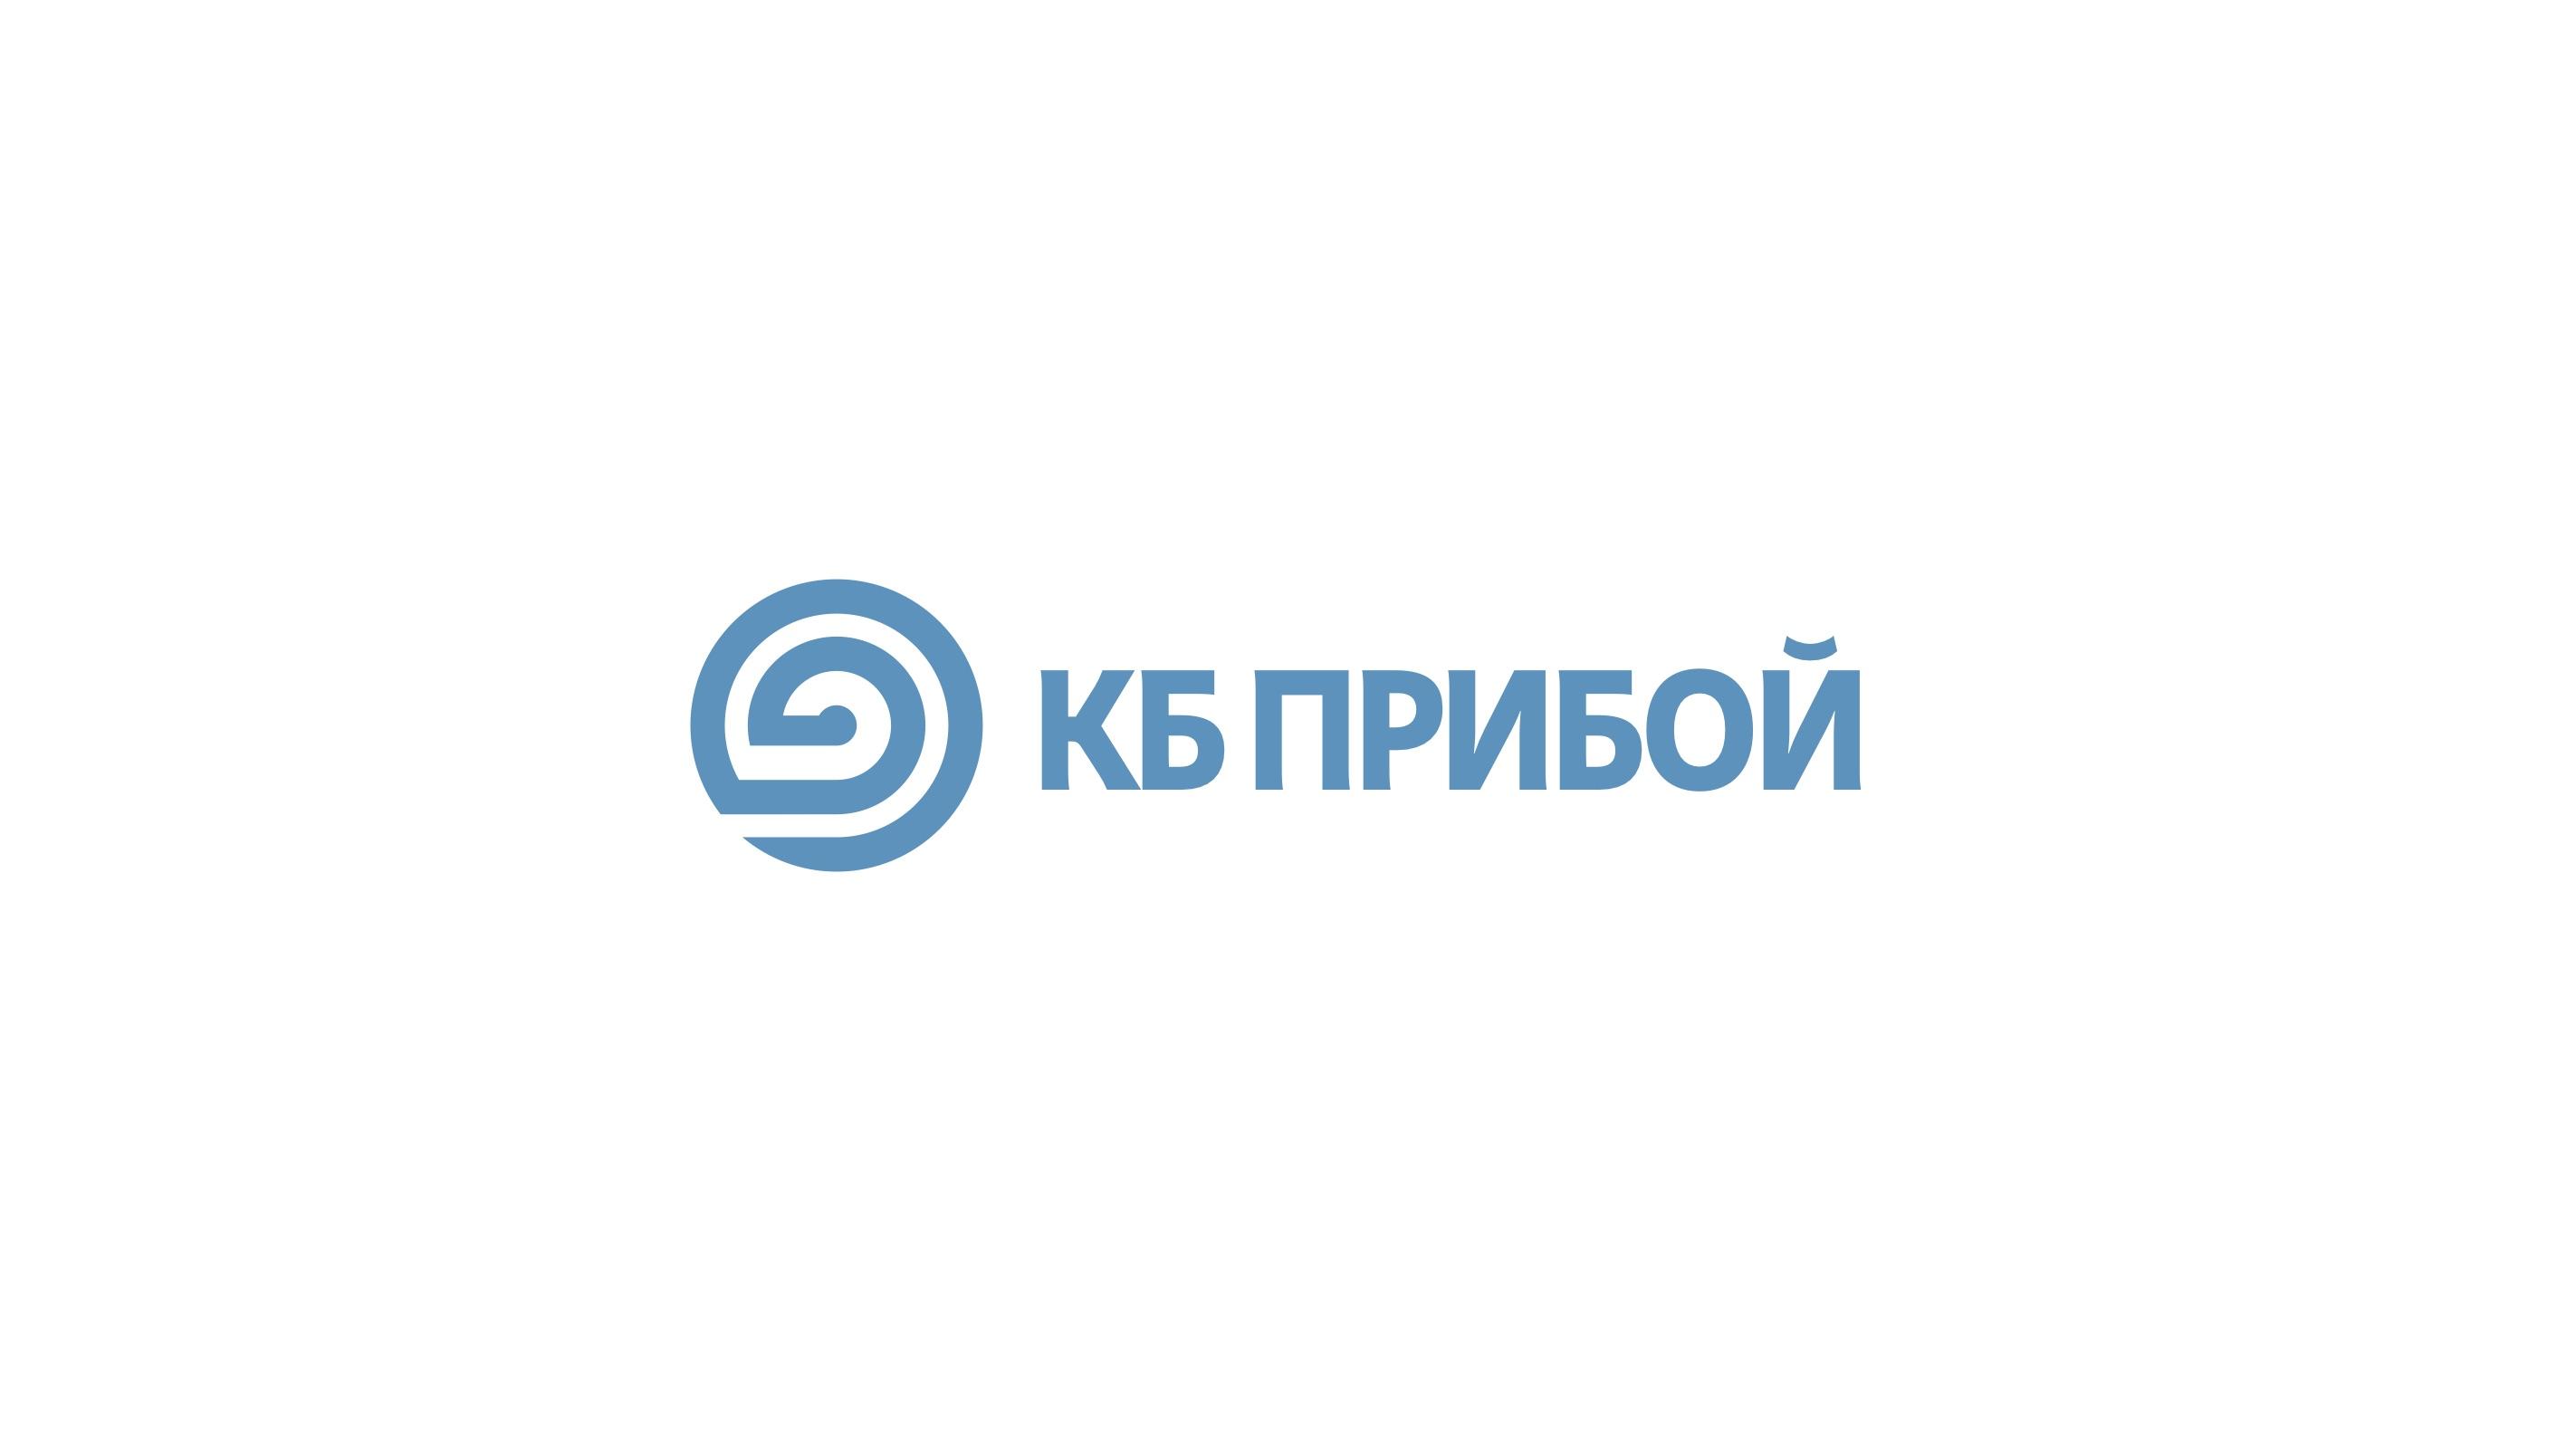 Разработка логотипа и фирменного стиля для КБ Прибой фото f_5895b239ae44a5fe.jpg